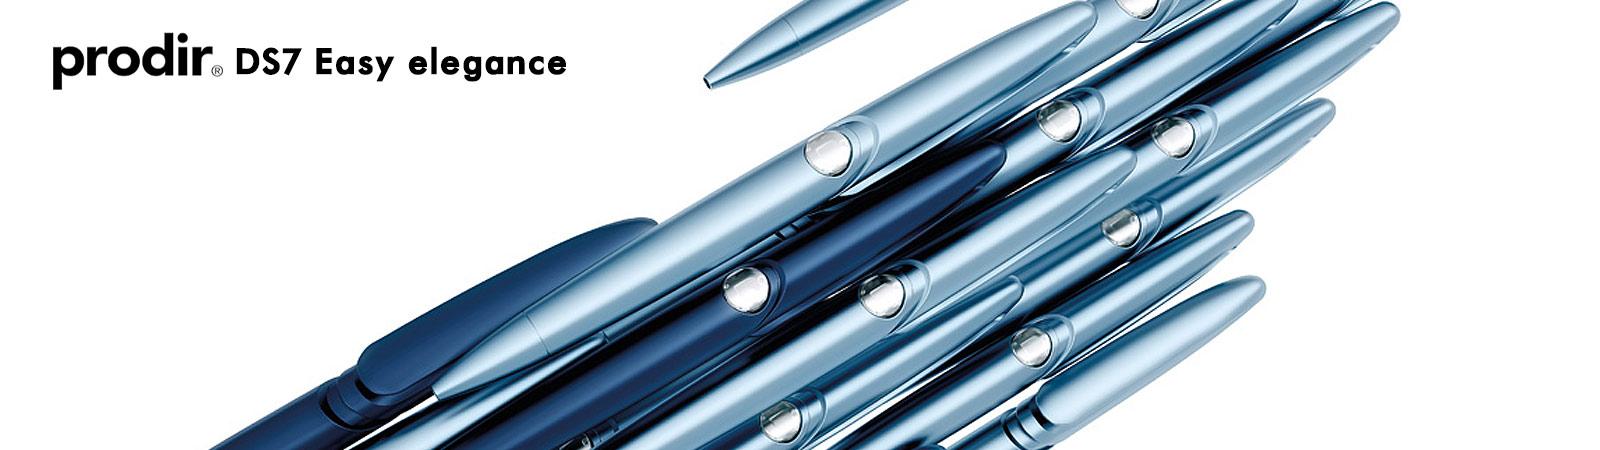 Prodir DS7 bedrukte pennen van Prikkels BV uit Eindhoven